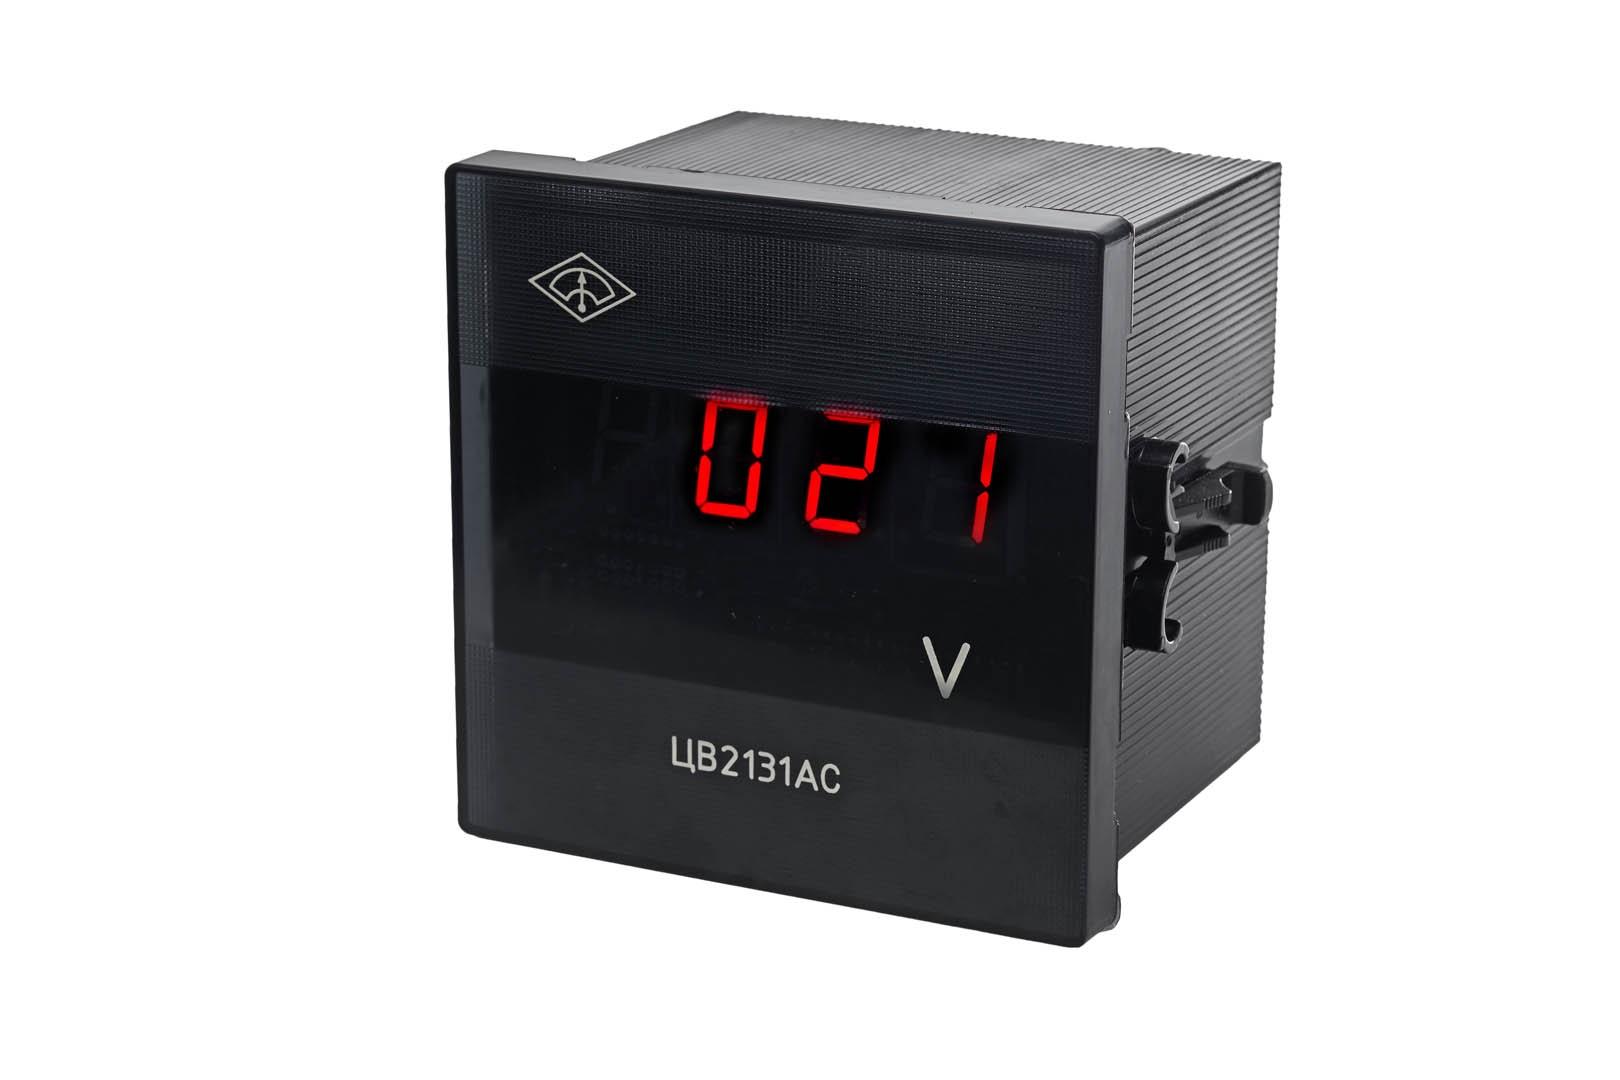 ЦВ2131DС - Вольтметр щитовой цифровой постоянного тока - продукция СамараПрибор.